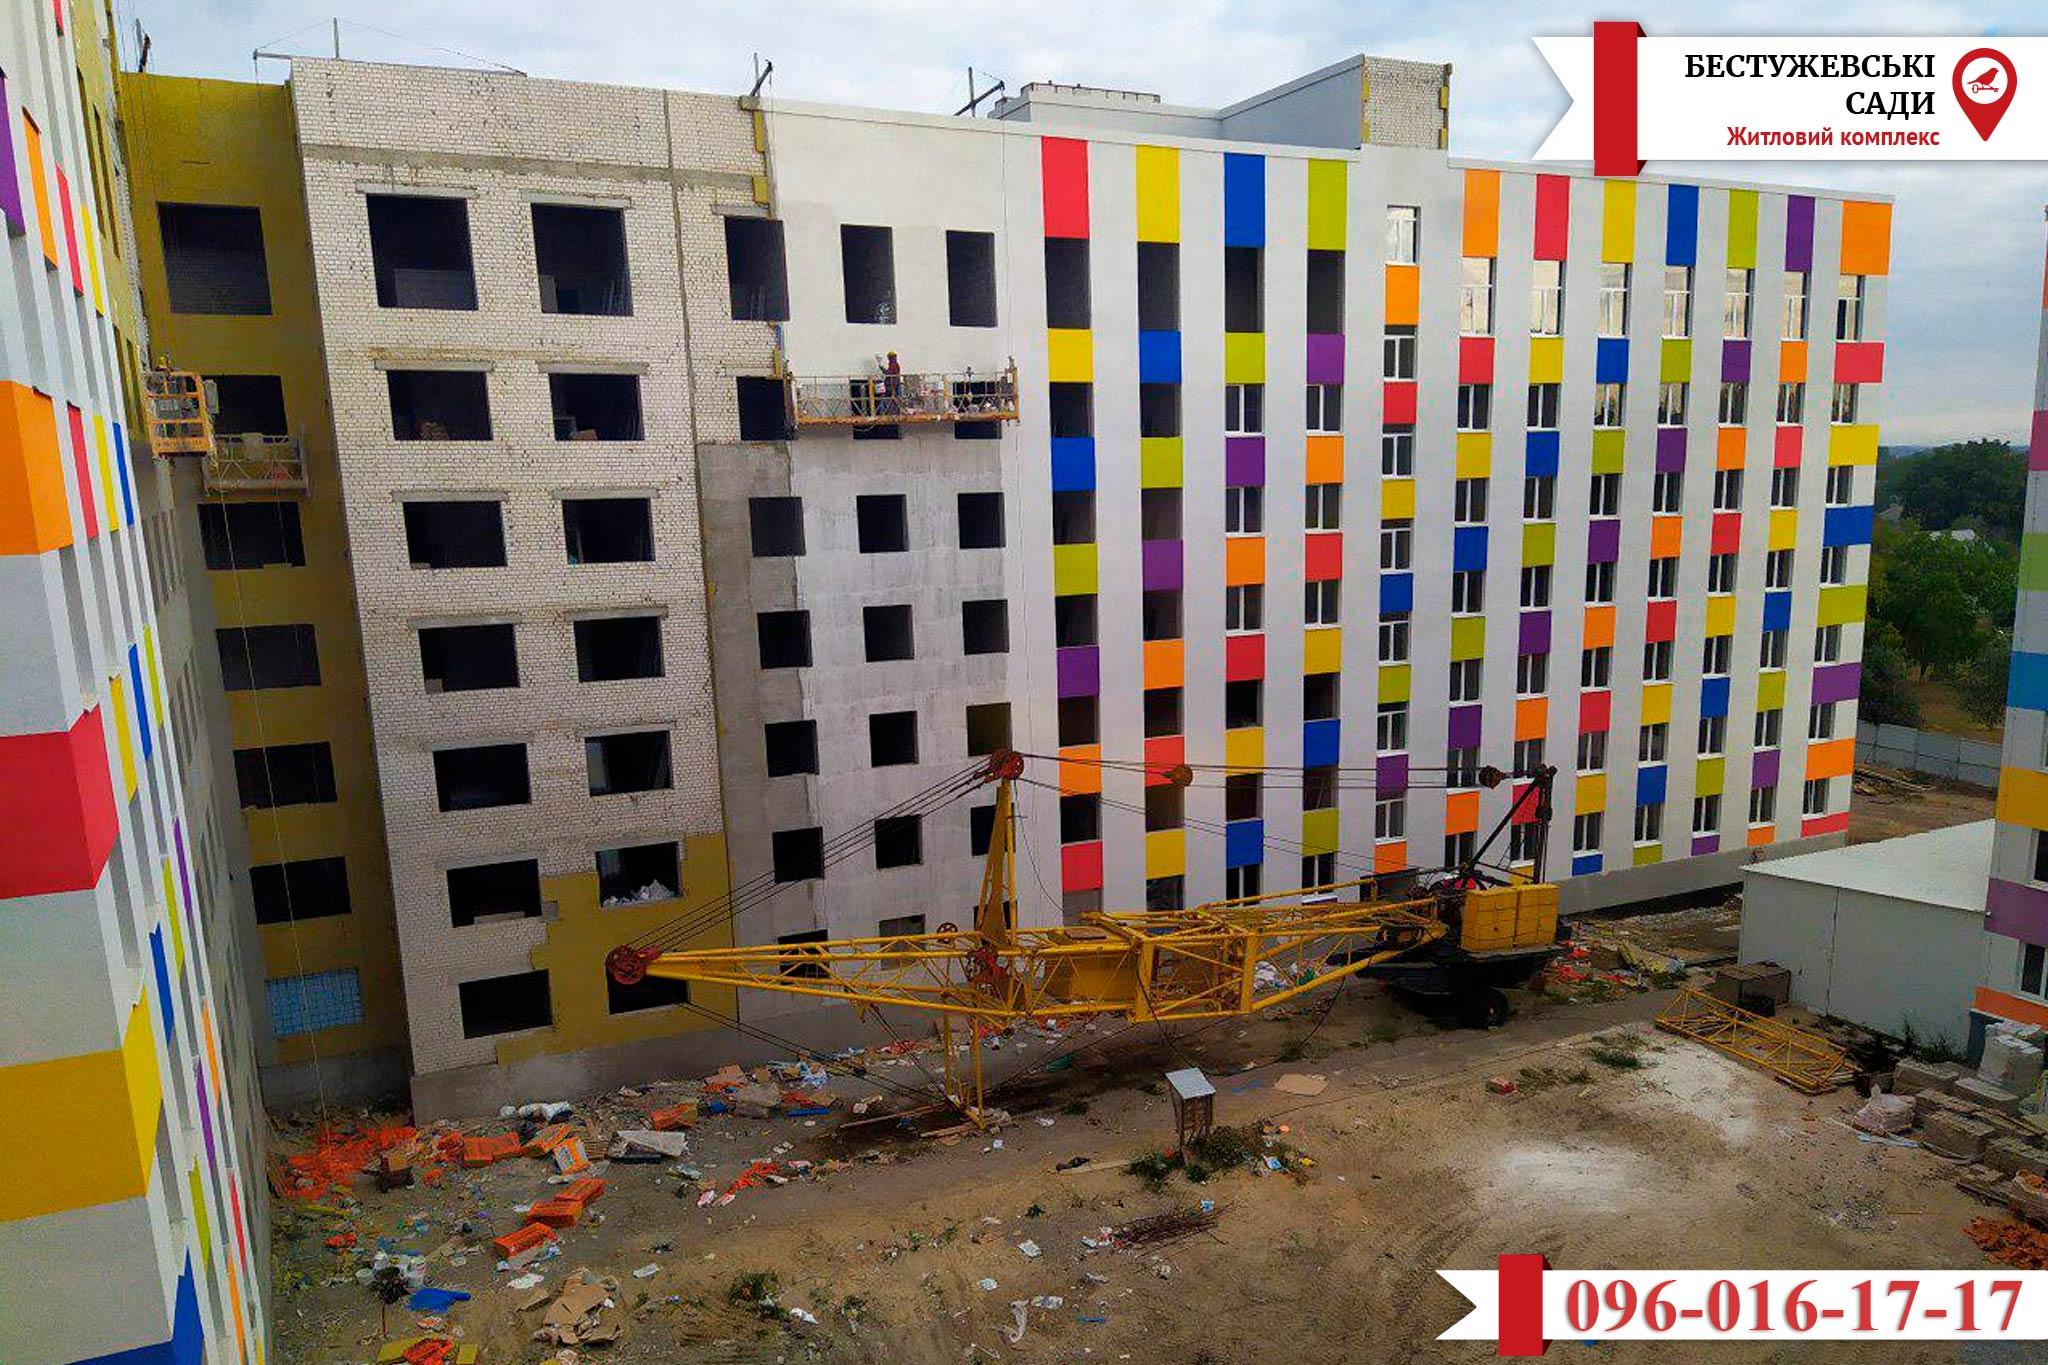 Свіжа інформація про будівництво ЖК «Бестужевські сади»